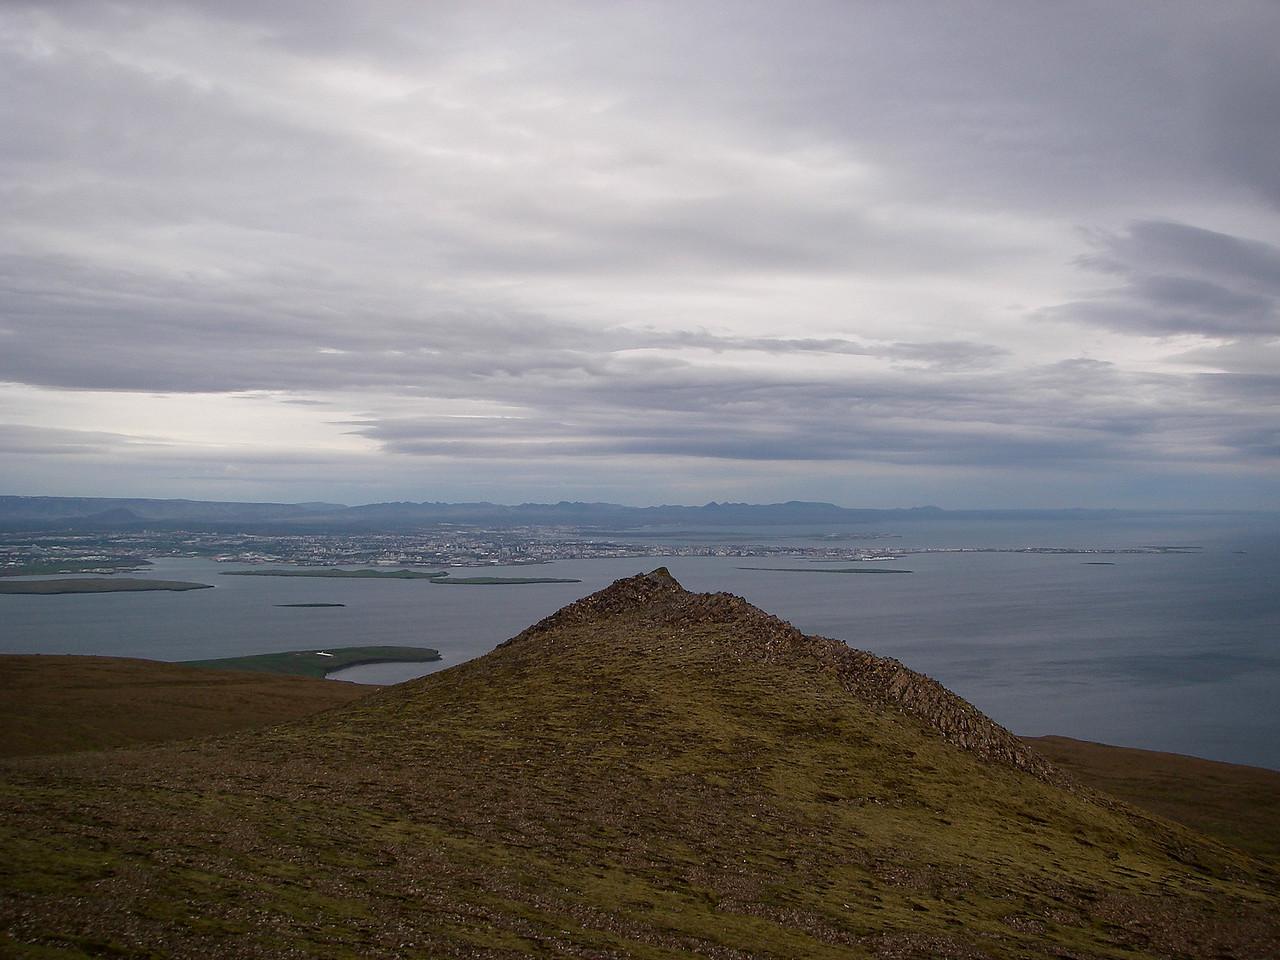 Reykjavík sést hér yfir lægri Smáþúfuna.